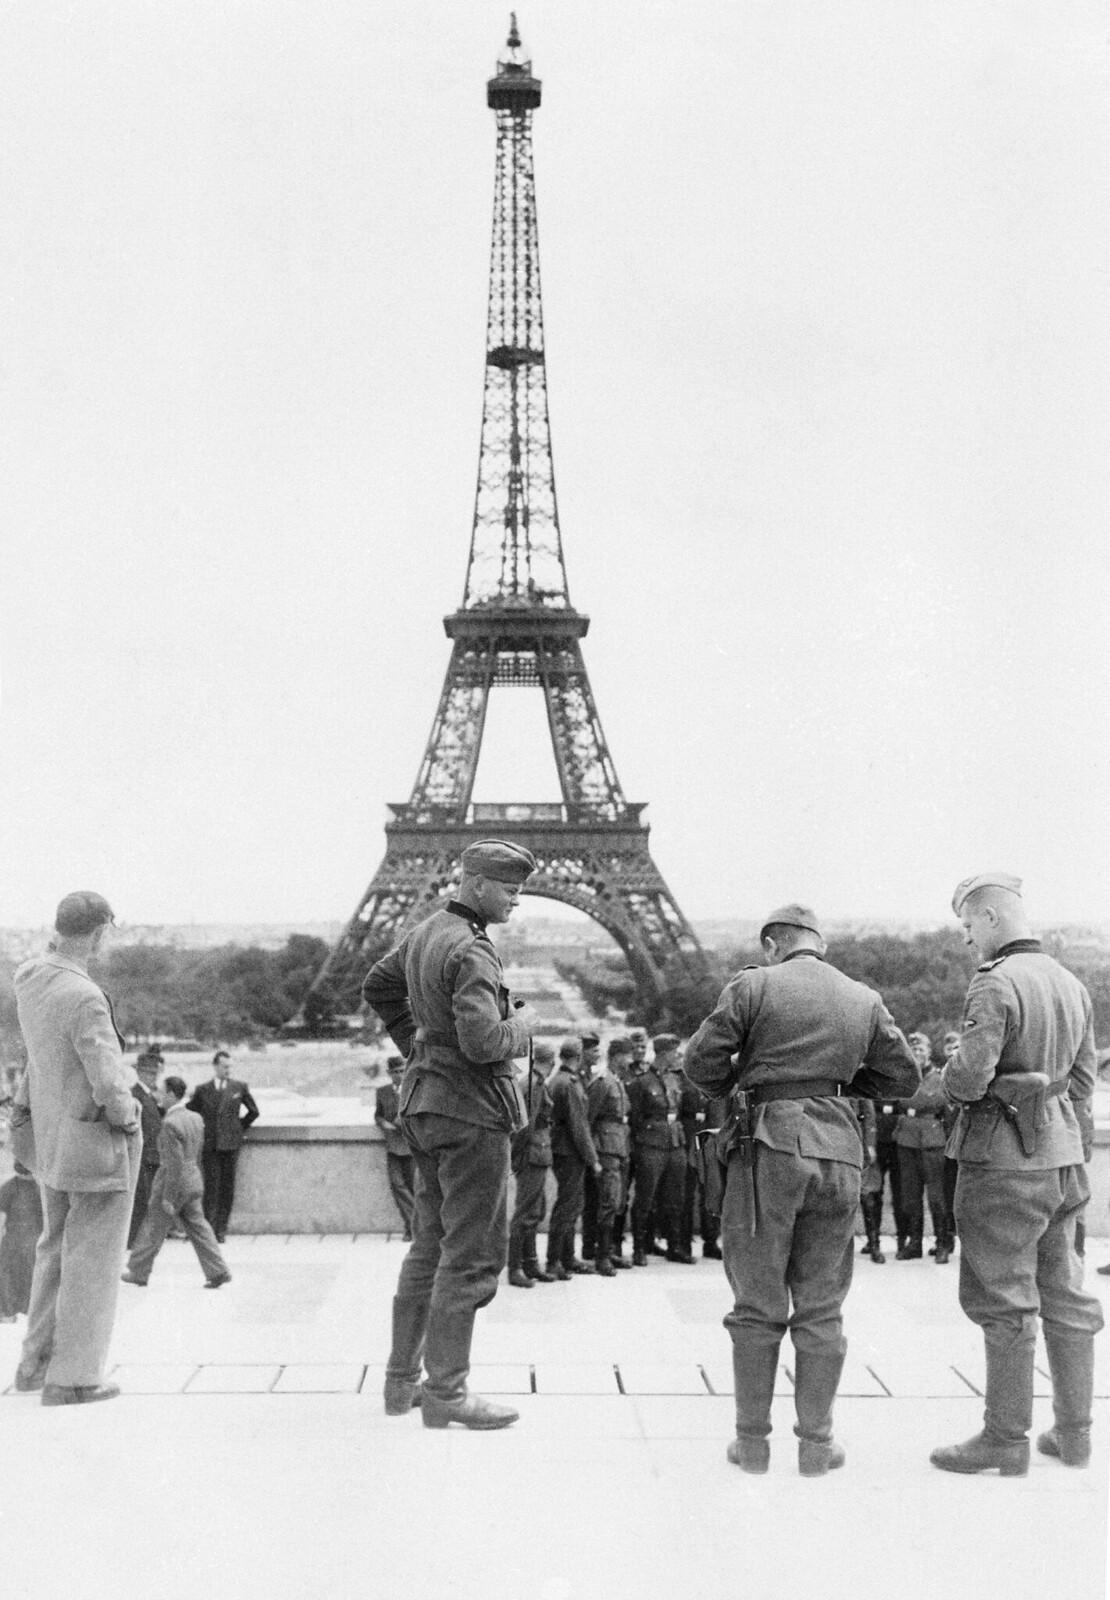 09. Немецкие солдаты радостно фотографируются на фоне Эйфелевой башни